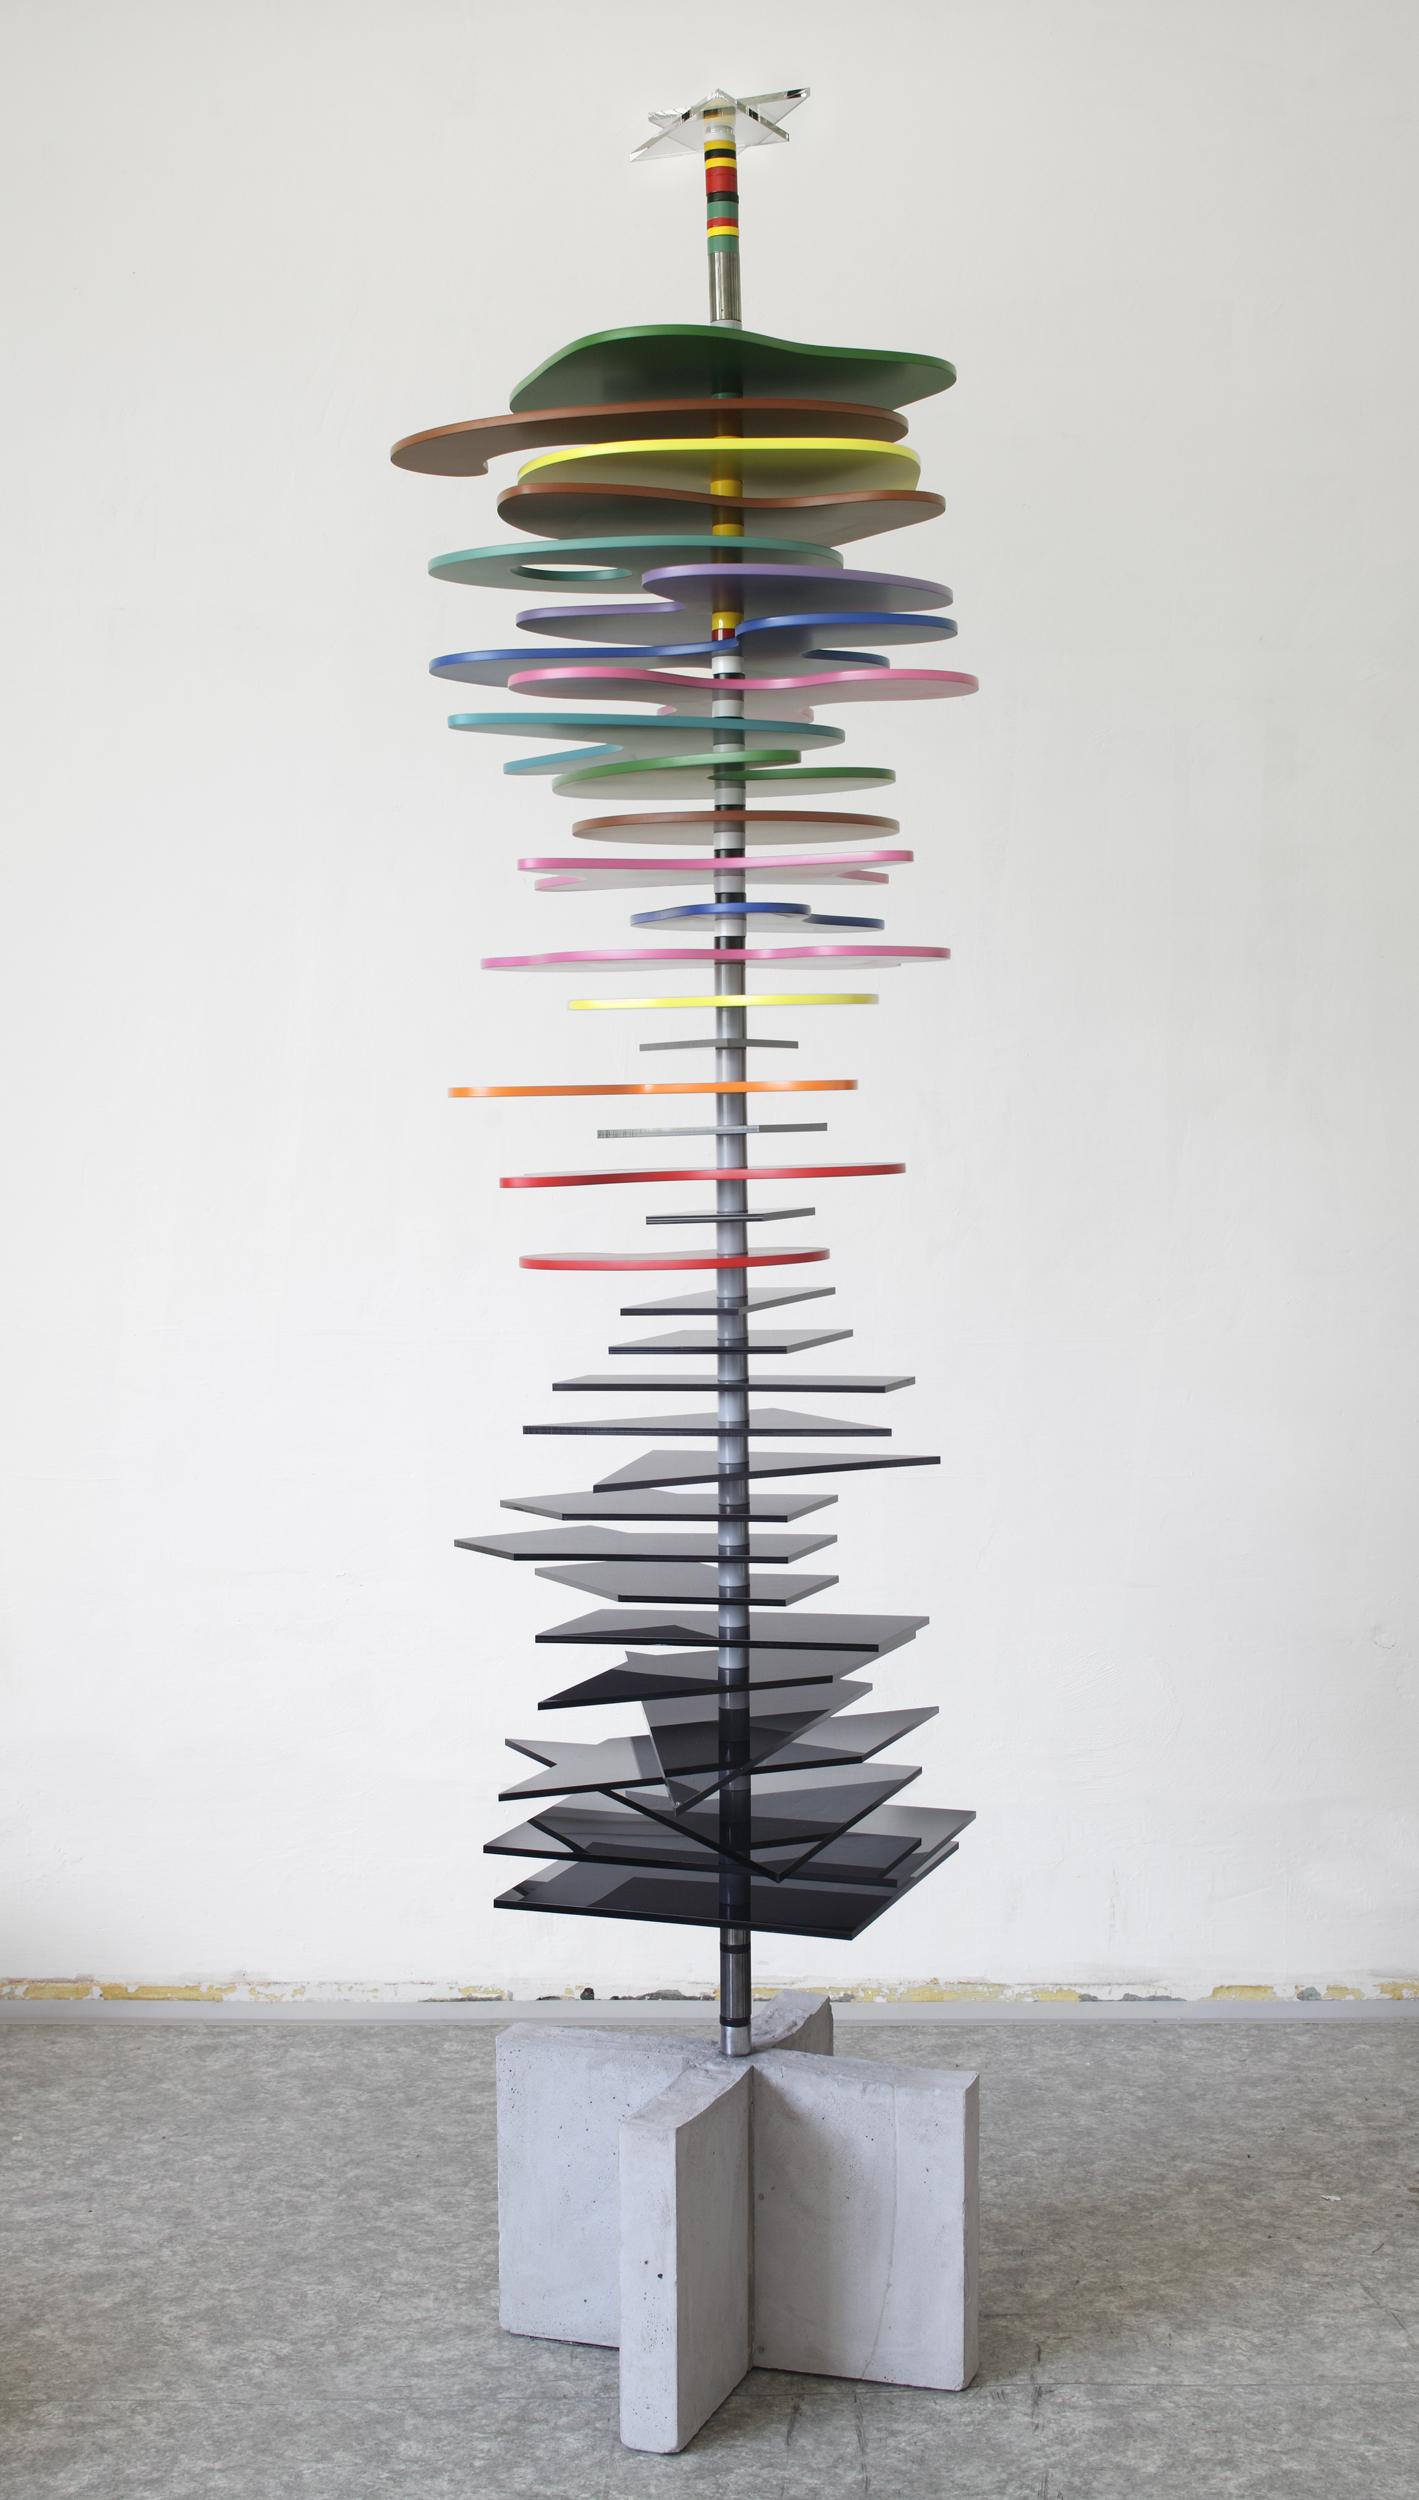 Toystory vol.12011,275x90x60,drevo,kov,plast,beton (2).jpg